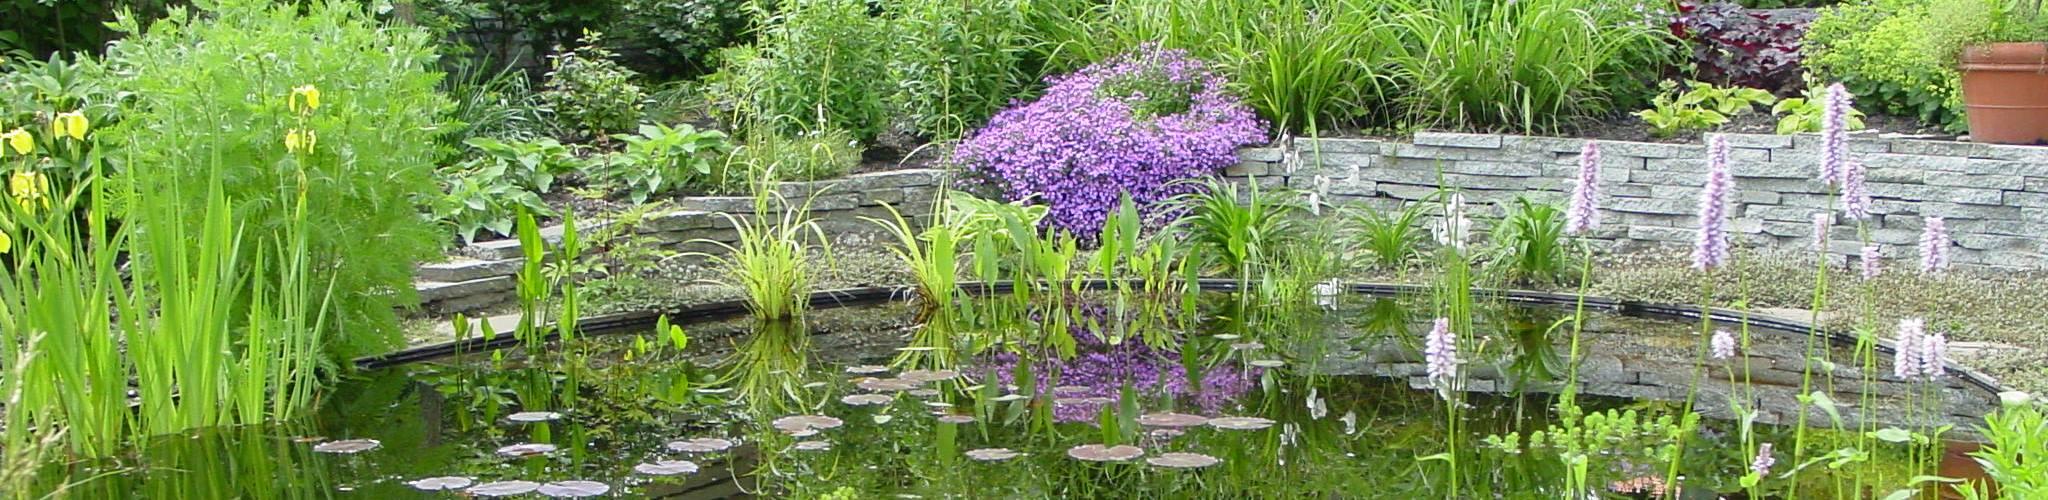 Natuurlijke tuin ontwerp de hofhouding zaltbommel for Tuinontwerp natuurlijke tuin